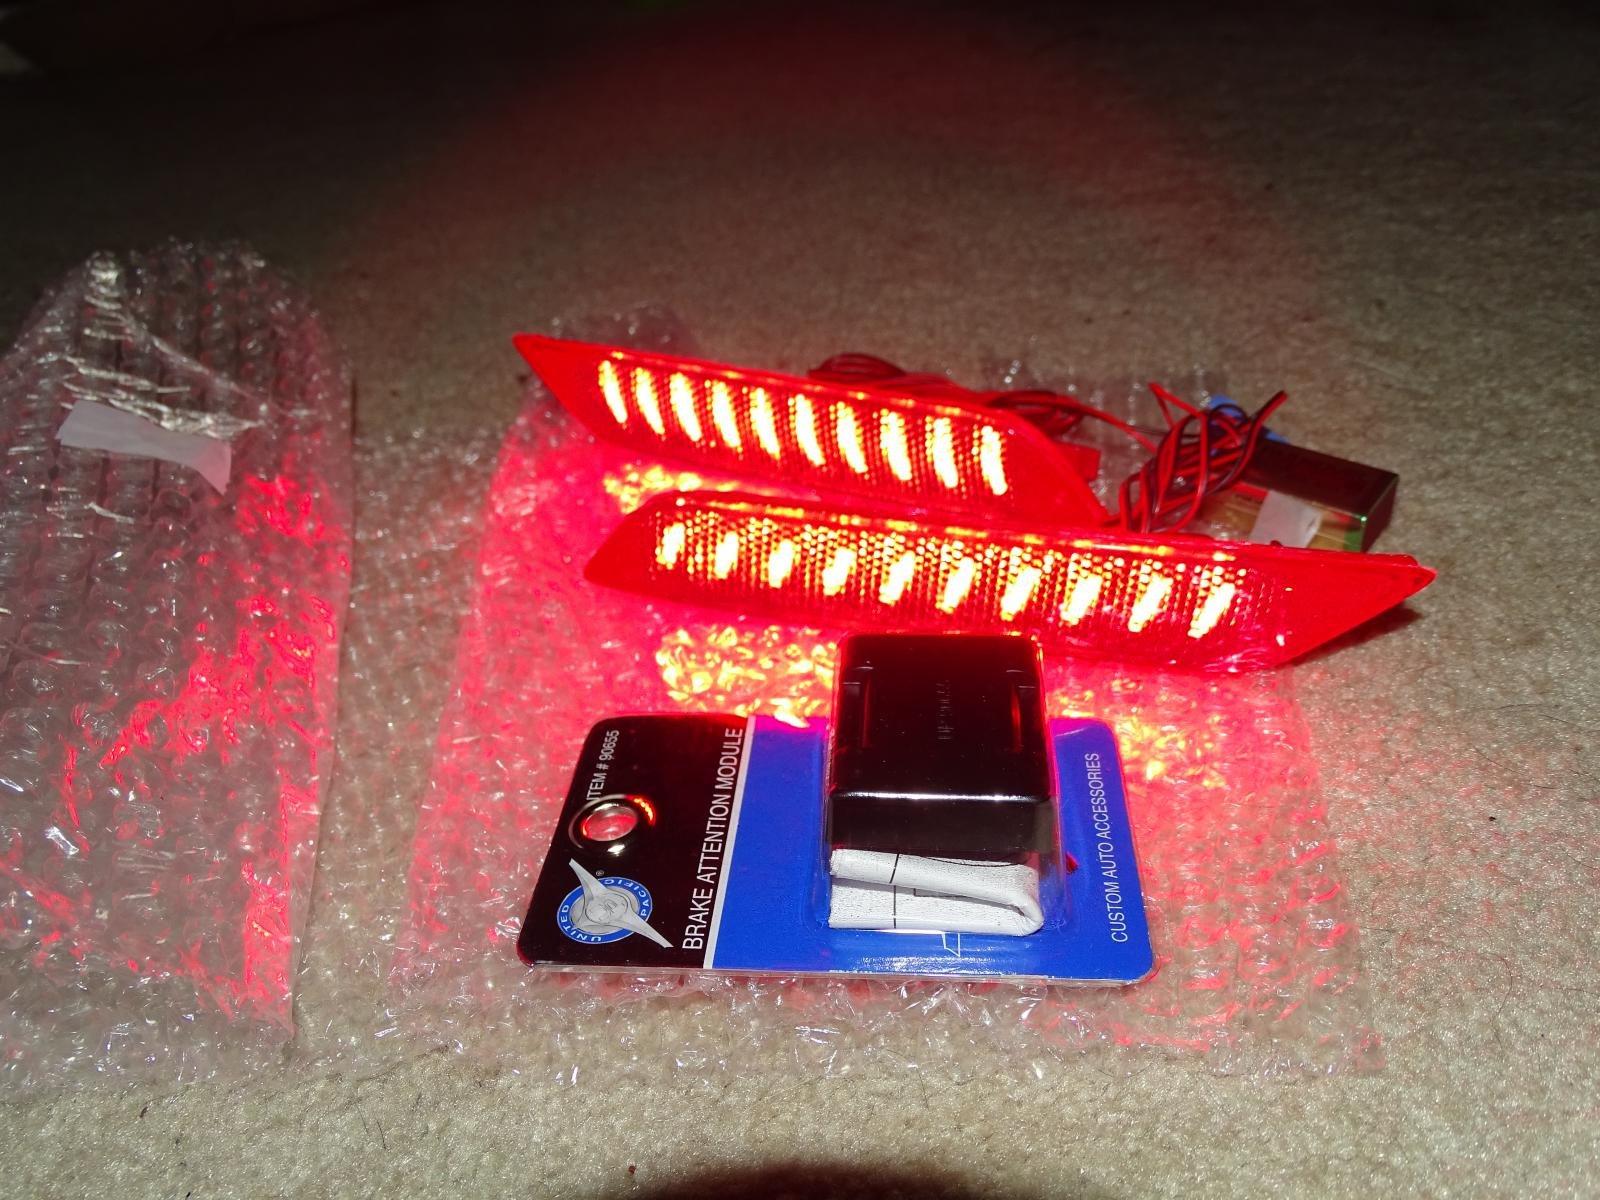 NEW ! LED rear bumper light for 9th gen civic si sedan-dsc00898.jpg